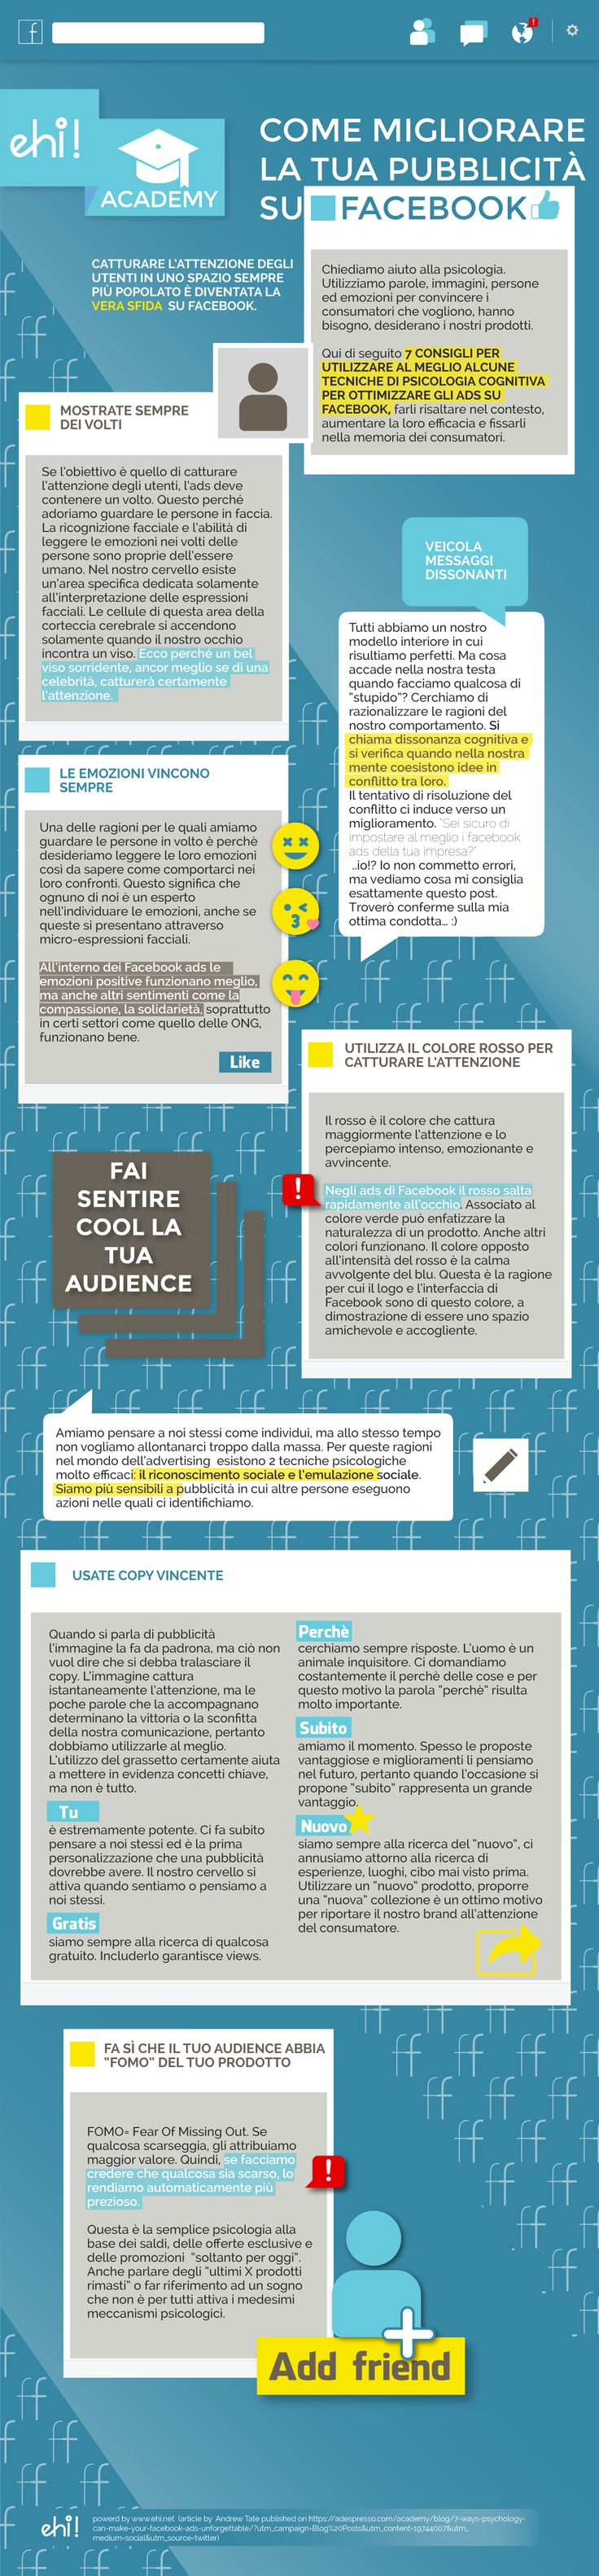 Sei sicuro di costruire i Facebook ads nel modo giusto? Scoprilo leggendo i consigli ehi!Academy di Novembre.  #infographic   #facebook   #infographicoftheday